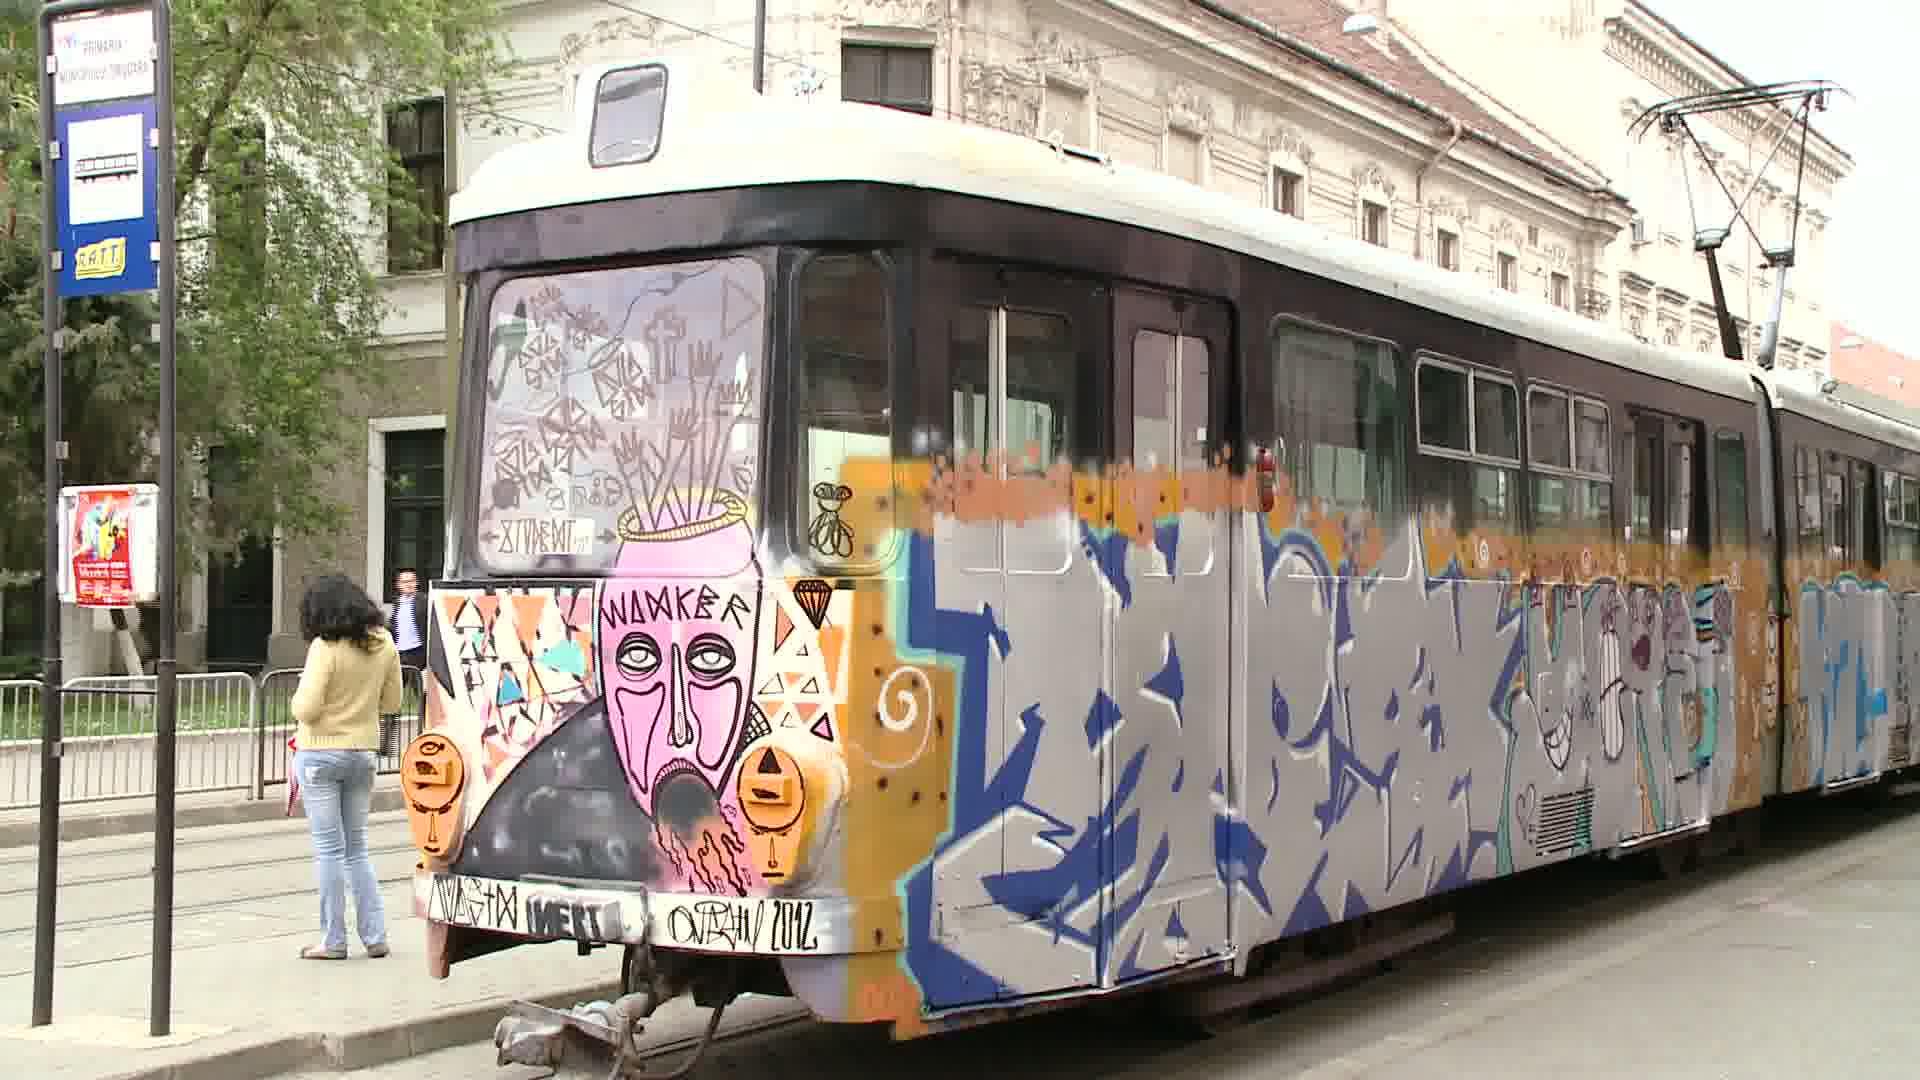 Bilete RATT, pe culori, pentru firobuz, tramvai si expres. Vezi ce risti daca incurci culorile